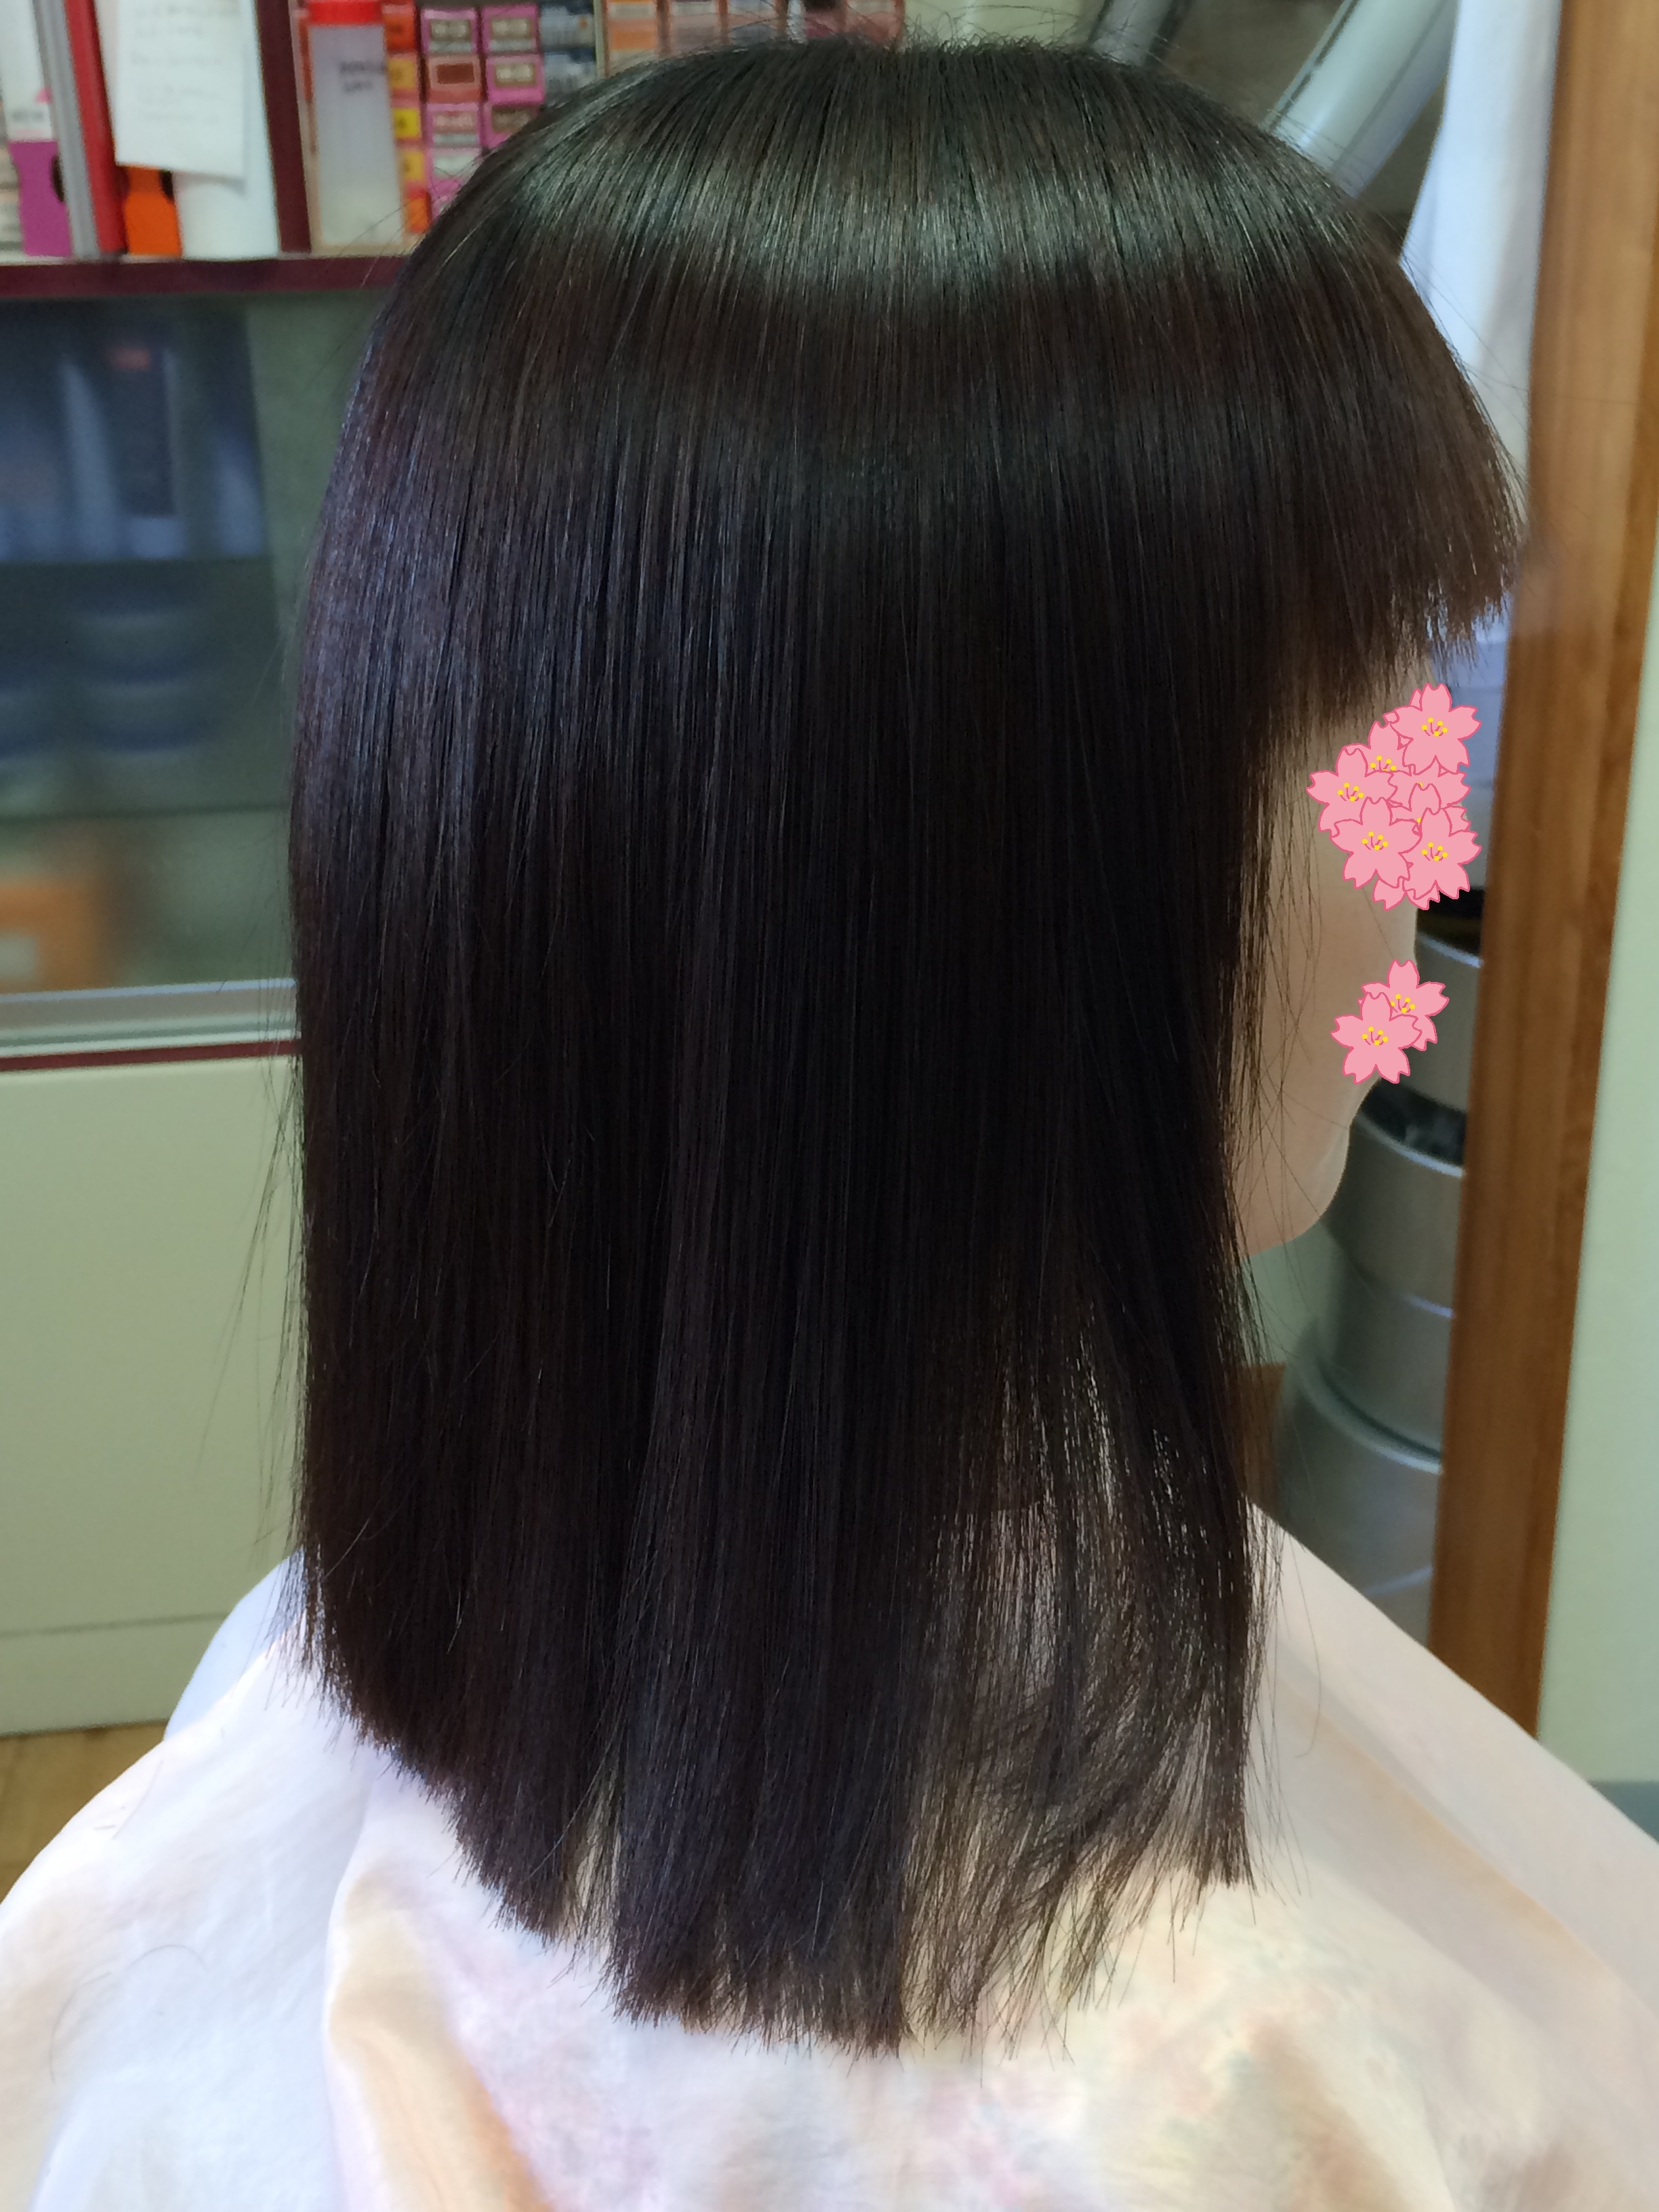 サラツヤでやわらかく自然な縮毛矯正 アフター